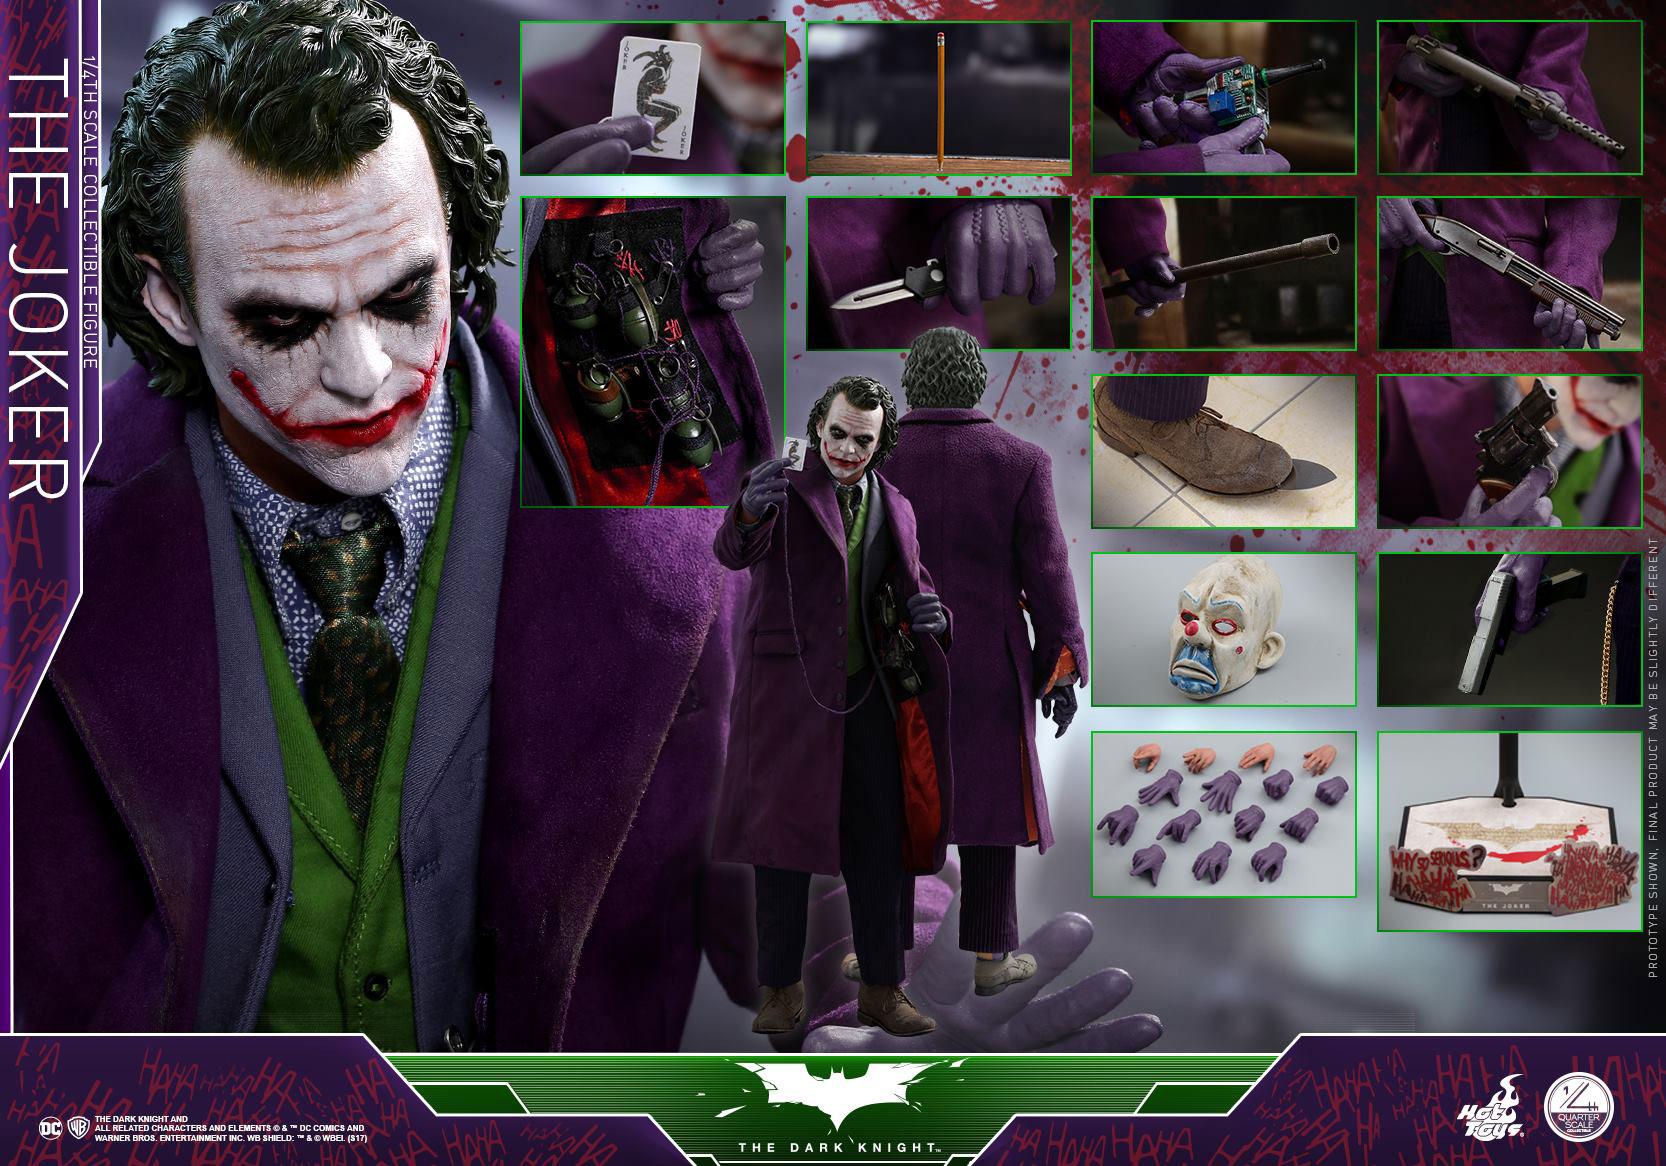 the-dark-knight-joker-hot-toys-figure-5